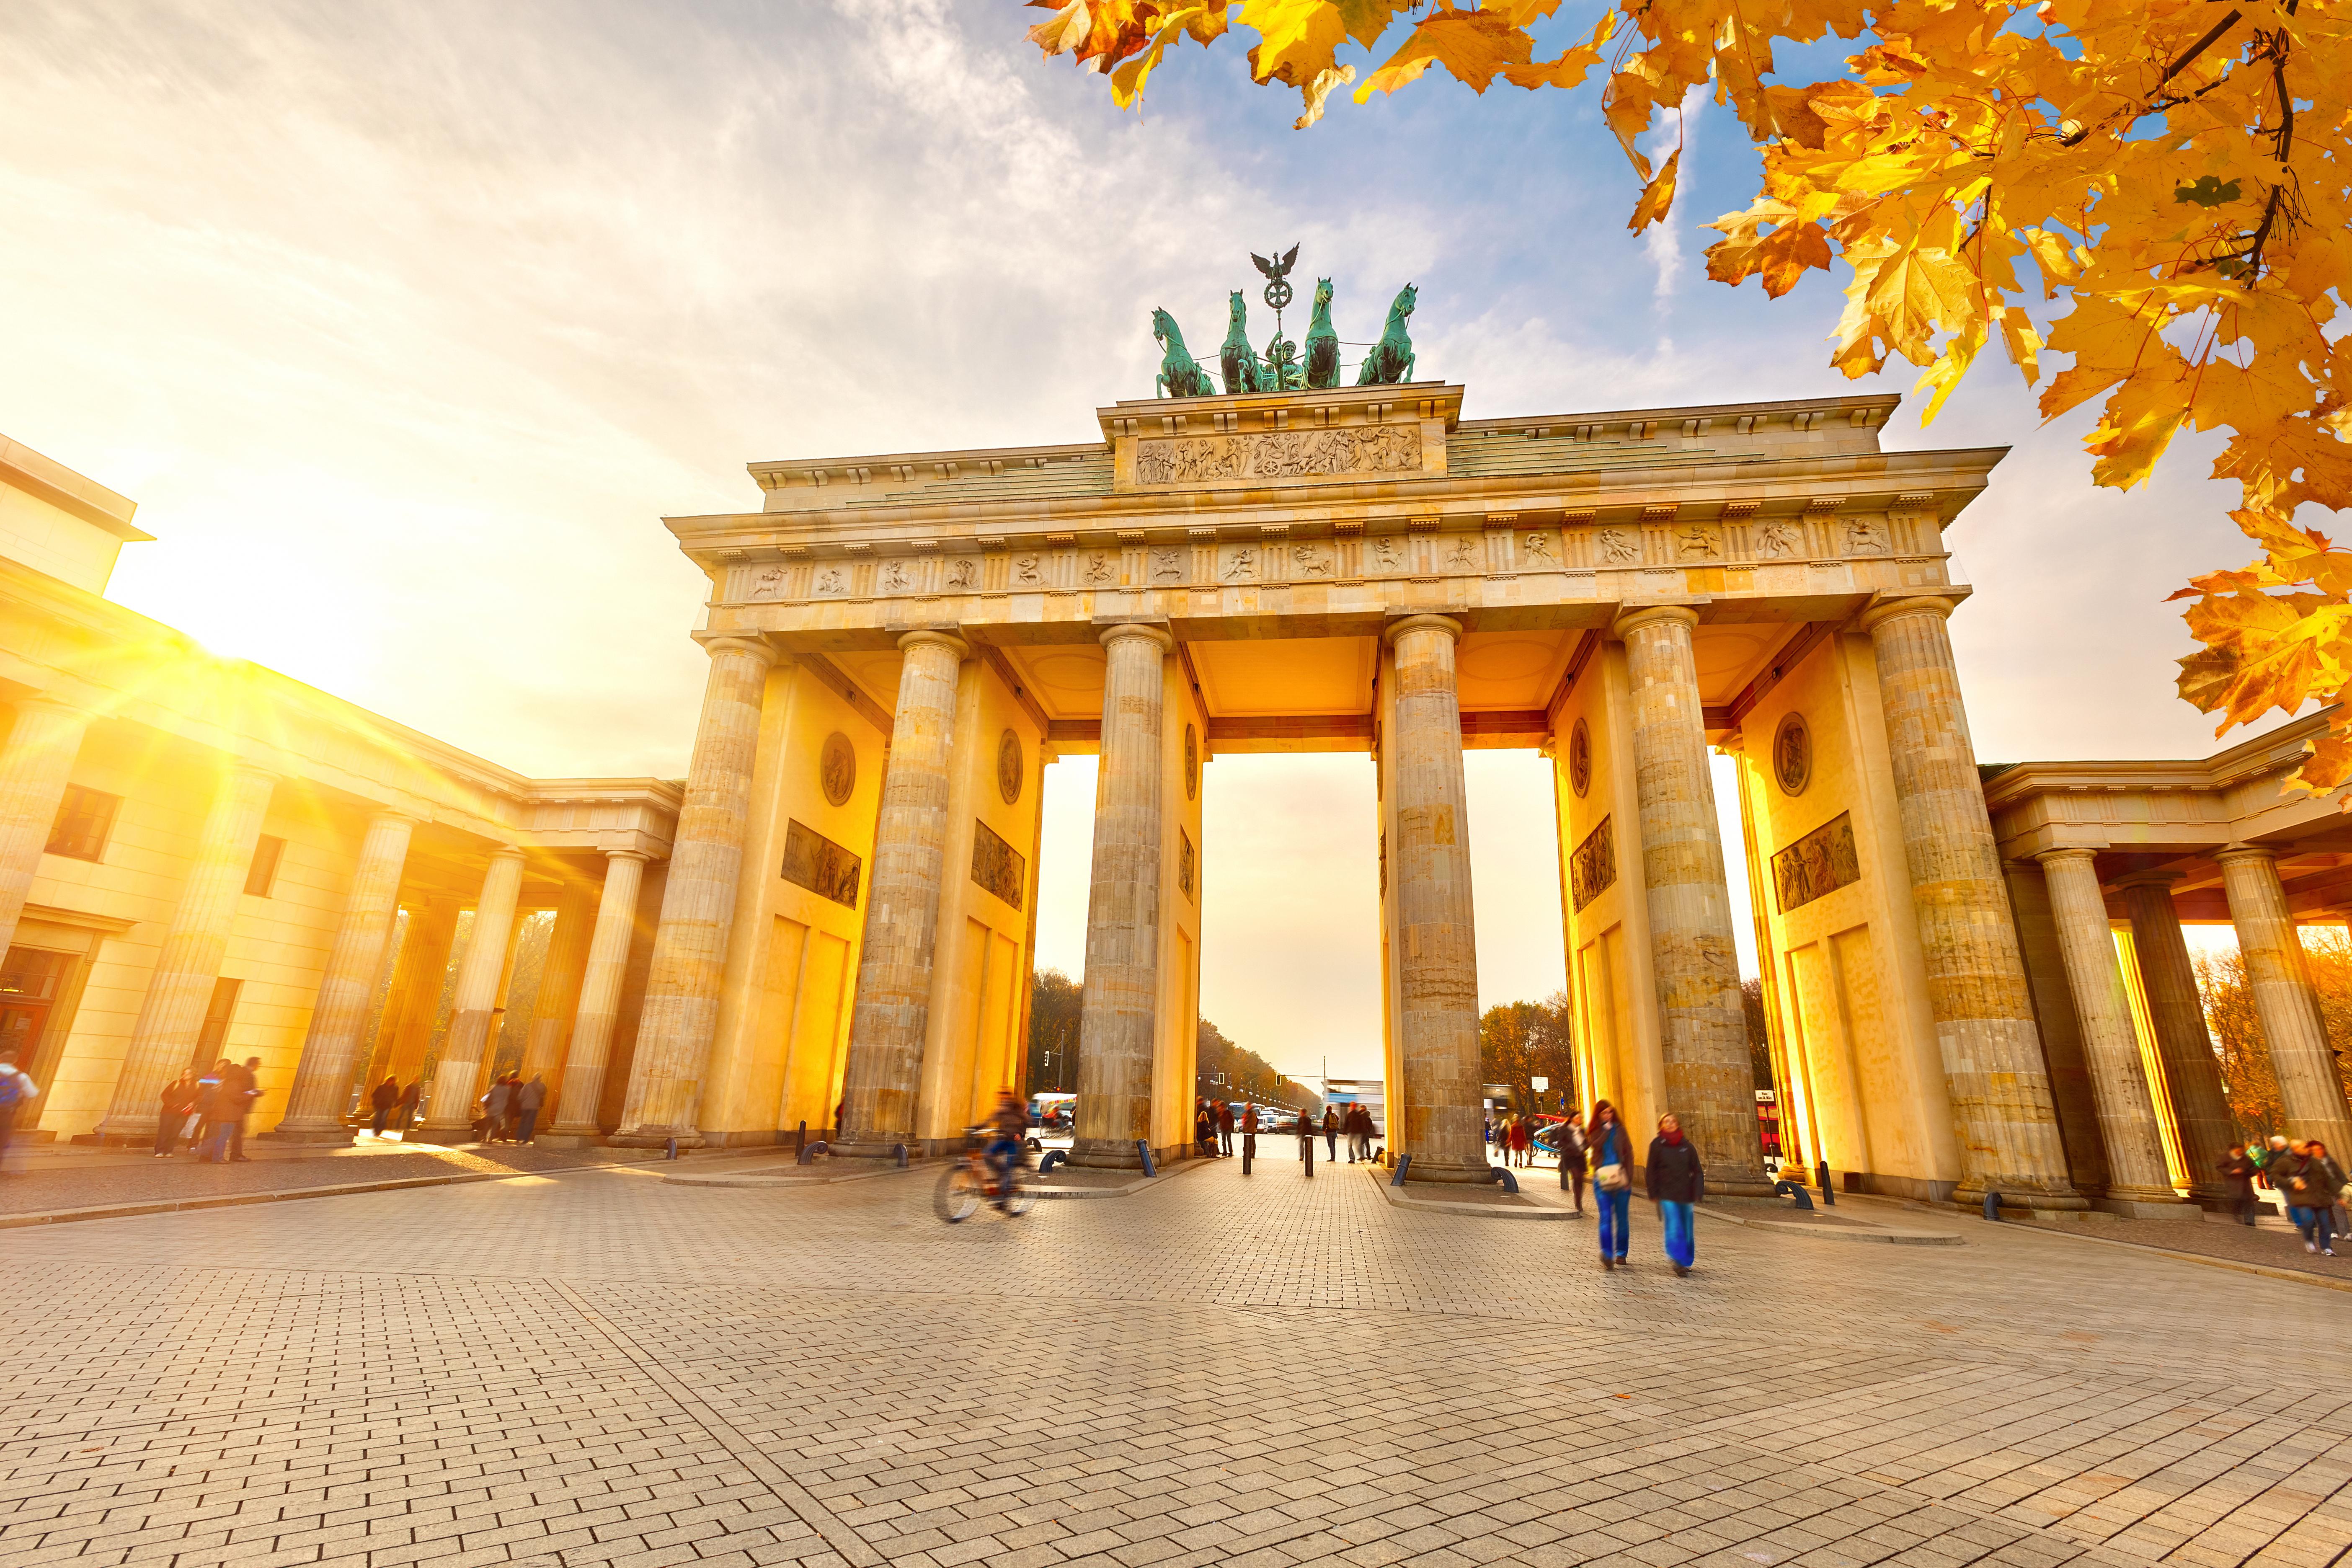 Brandenburg Gate Wallpaper 3   5615 X 3743 stmednet 5615x3743